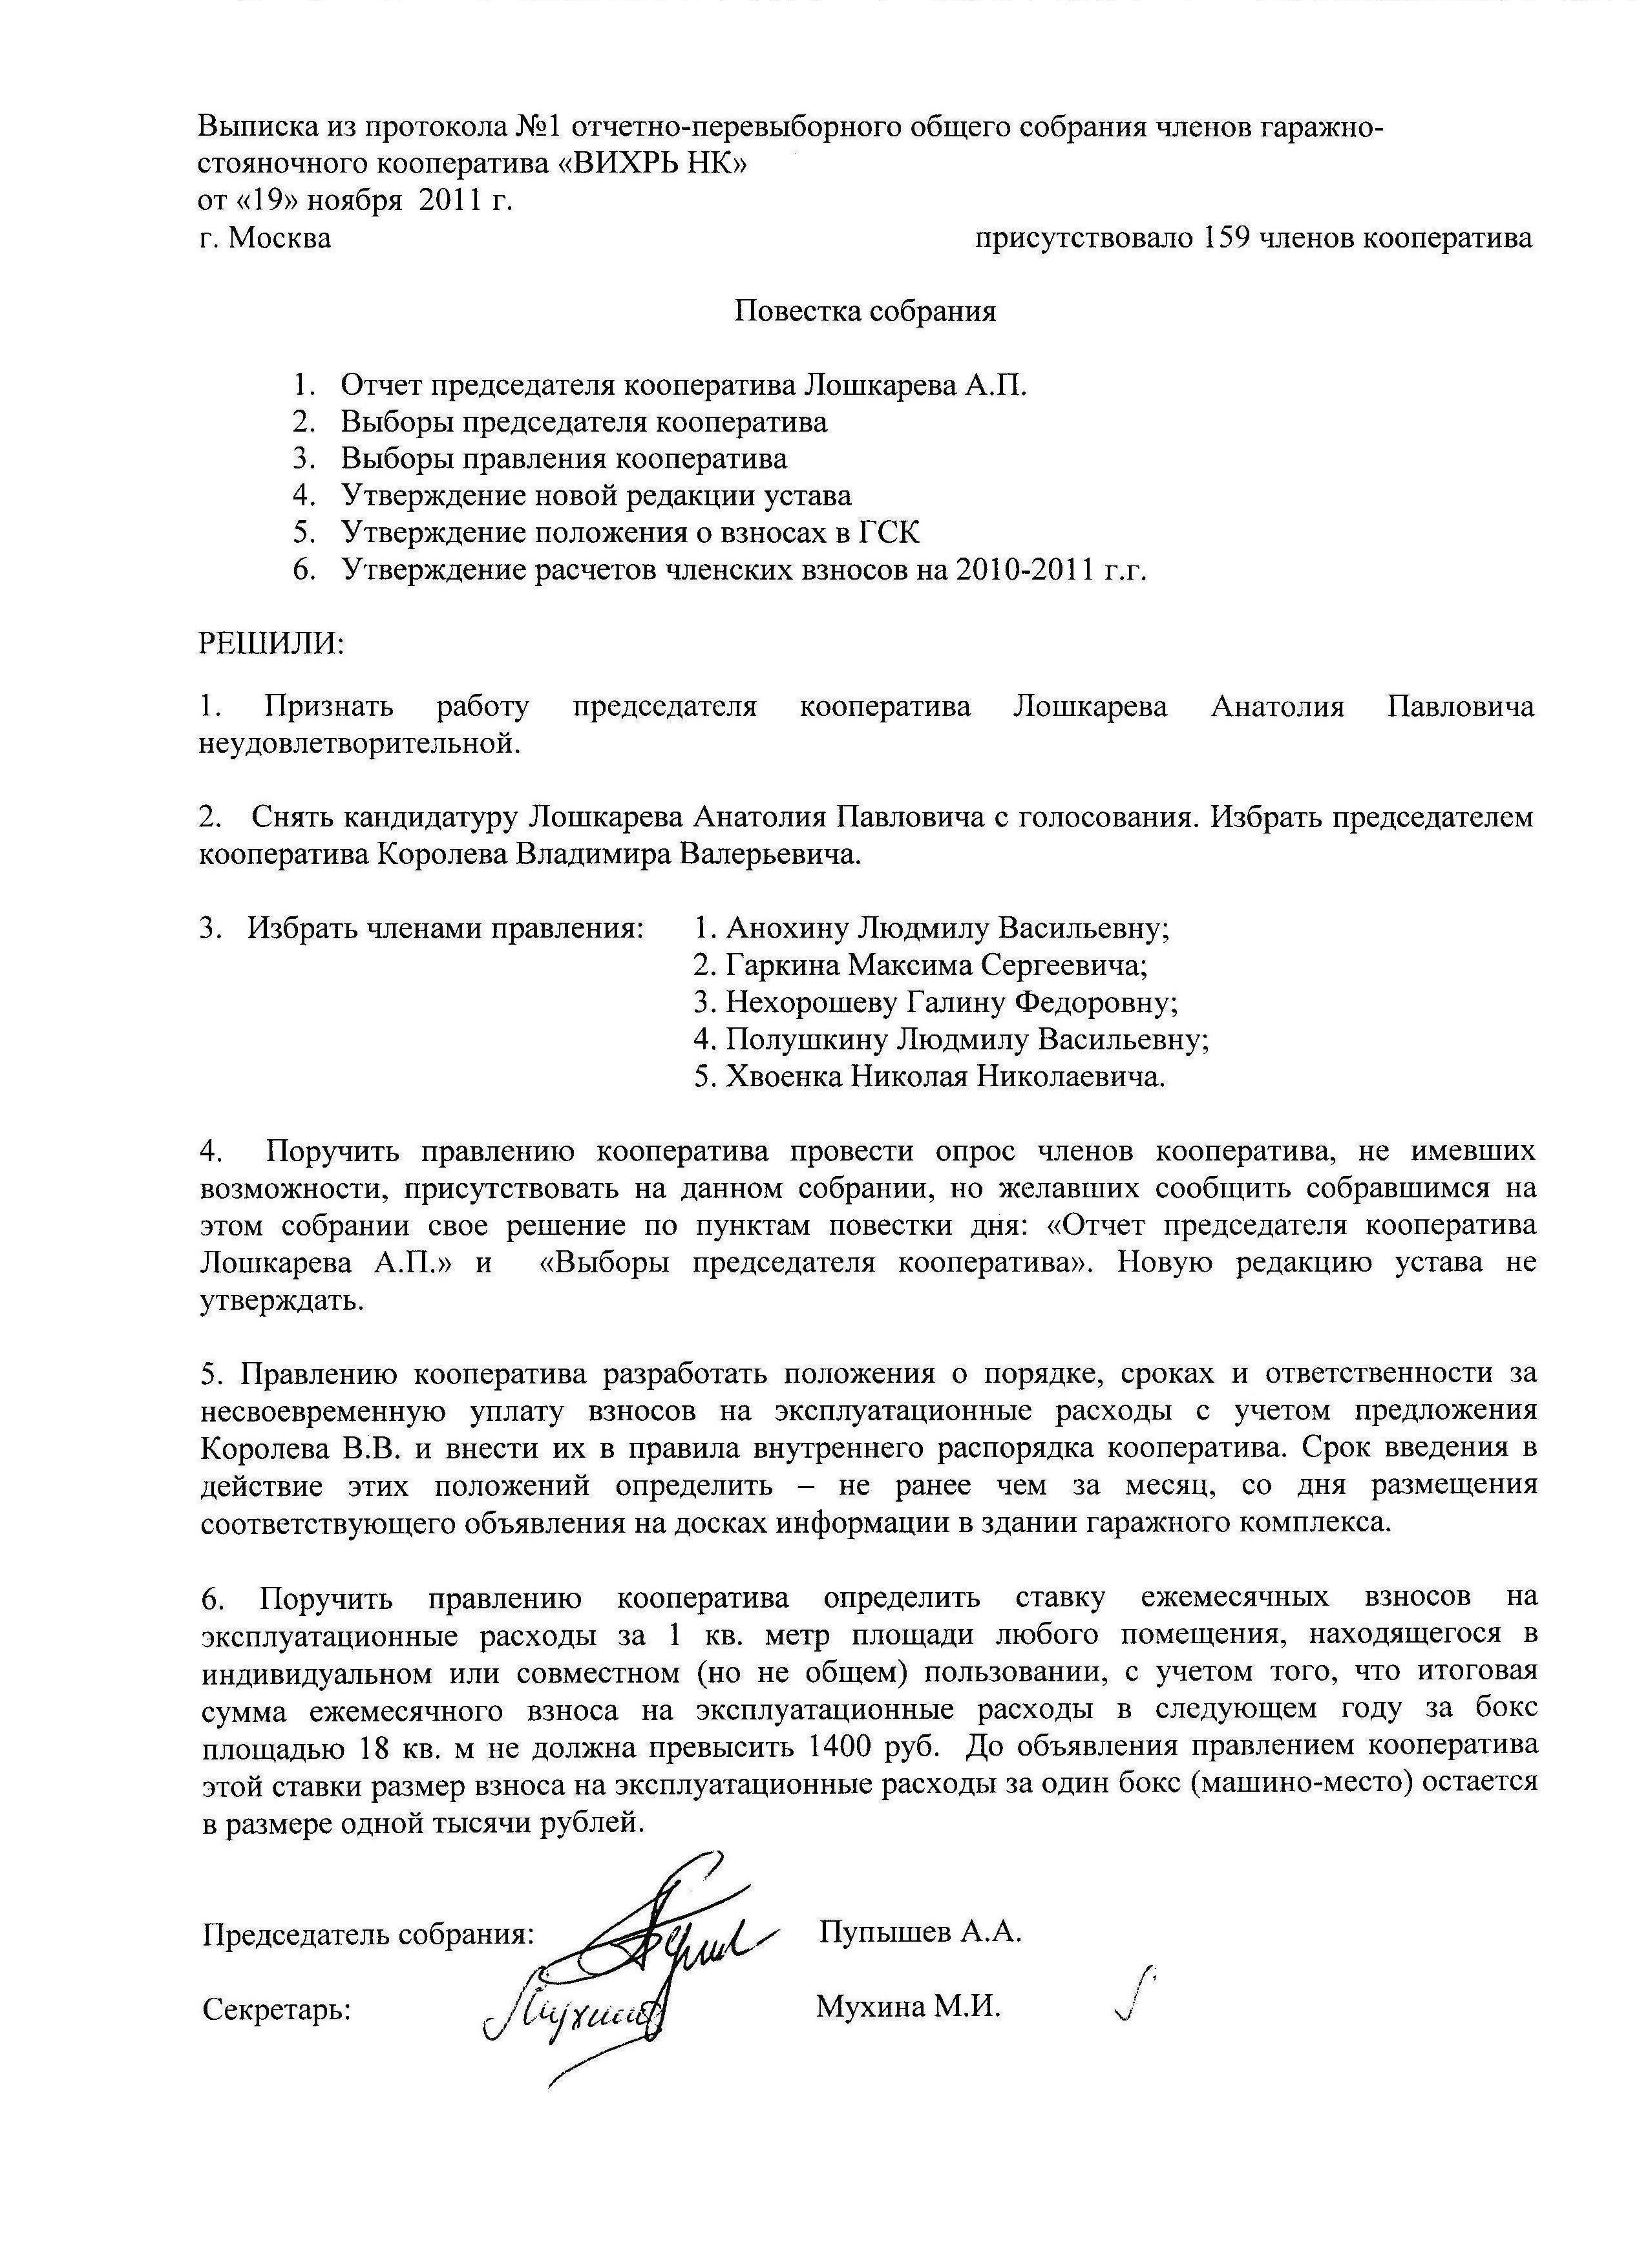 образец выписки из протокола общего собрания акционеров